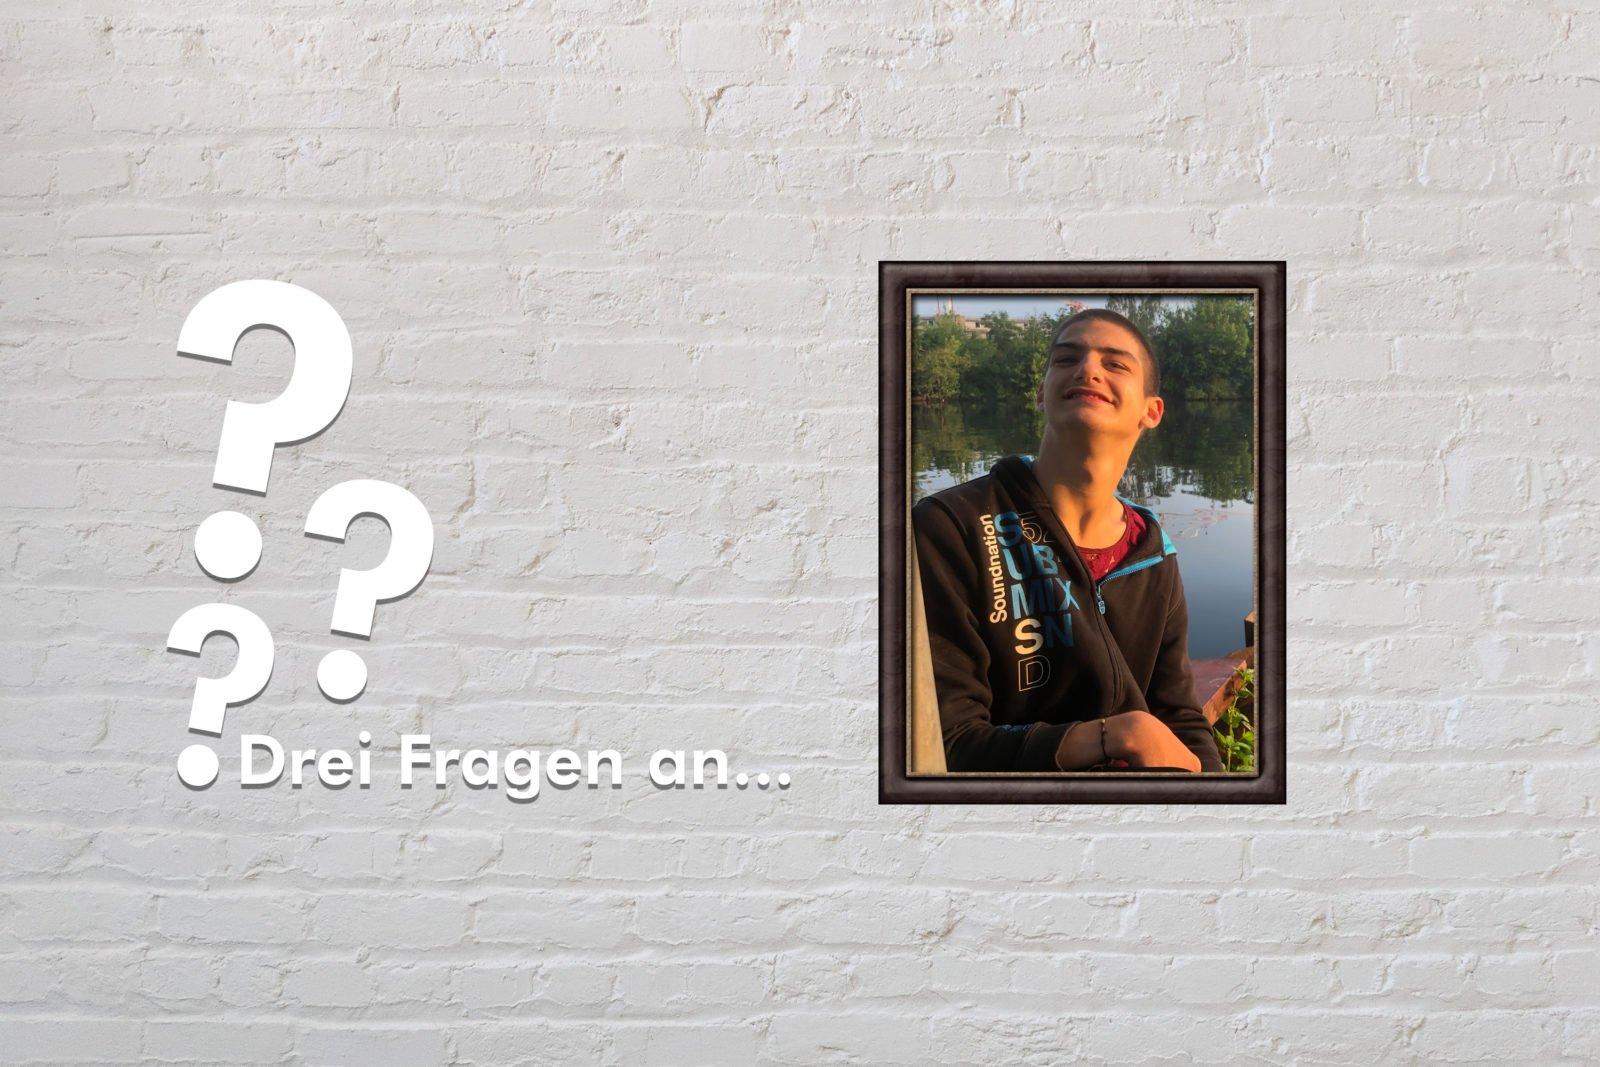 Fotomontage: Eine weiße Steinwand - darauf ein Rahmen, in den ein Bild von Linus Bade montiert ist, daneben der Schriftzug Drei Fragen an... und drei Fragezeichen.